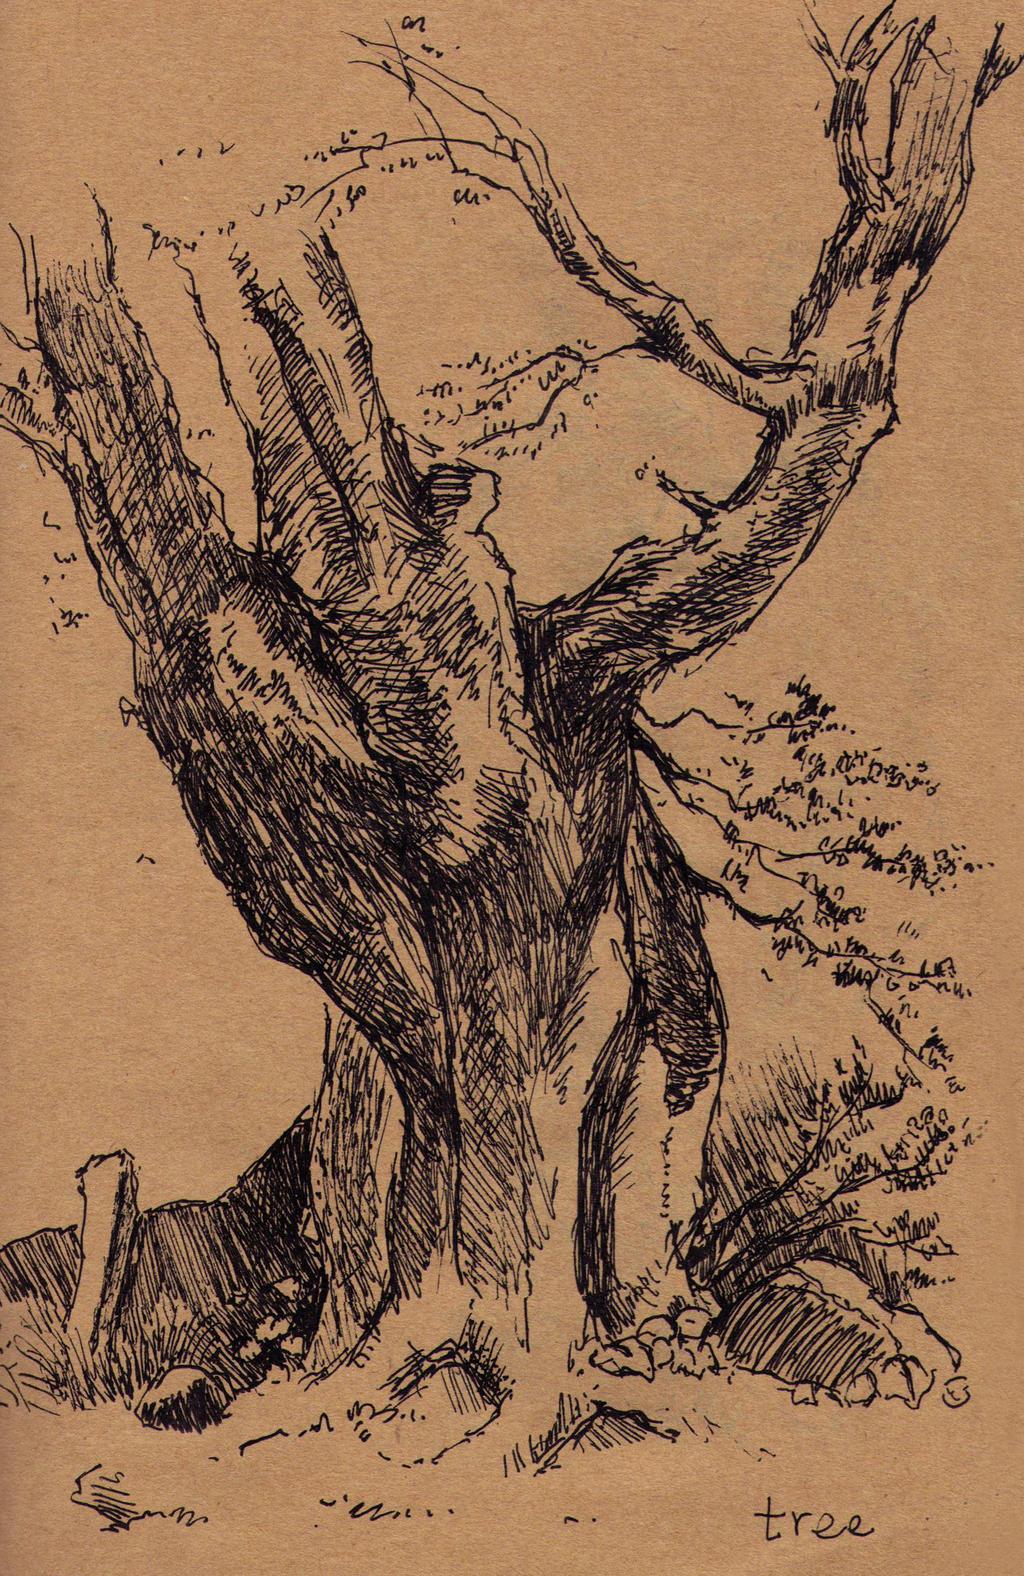 Tree study by Jixed